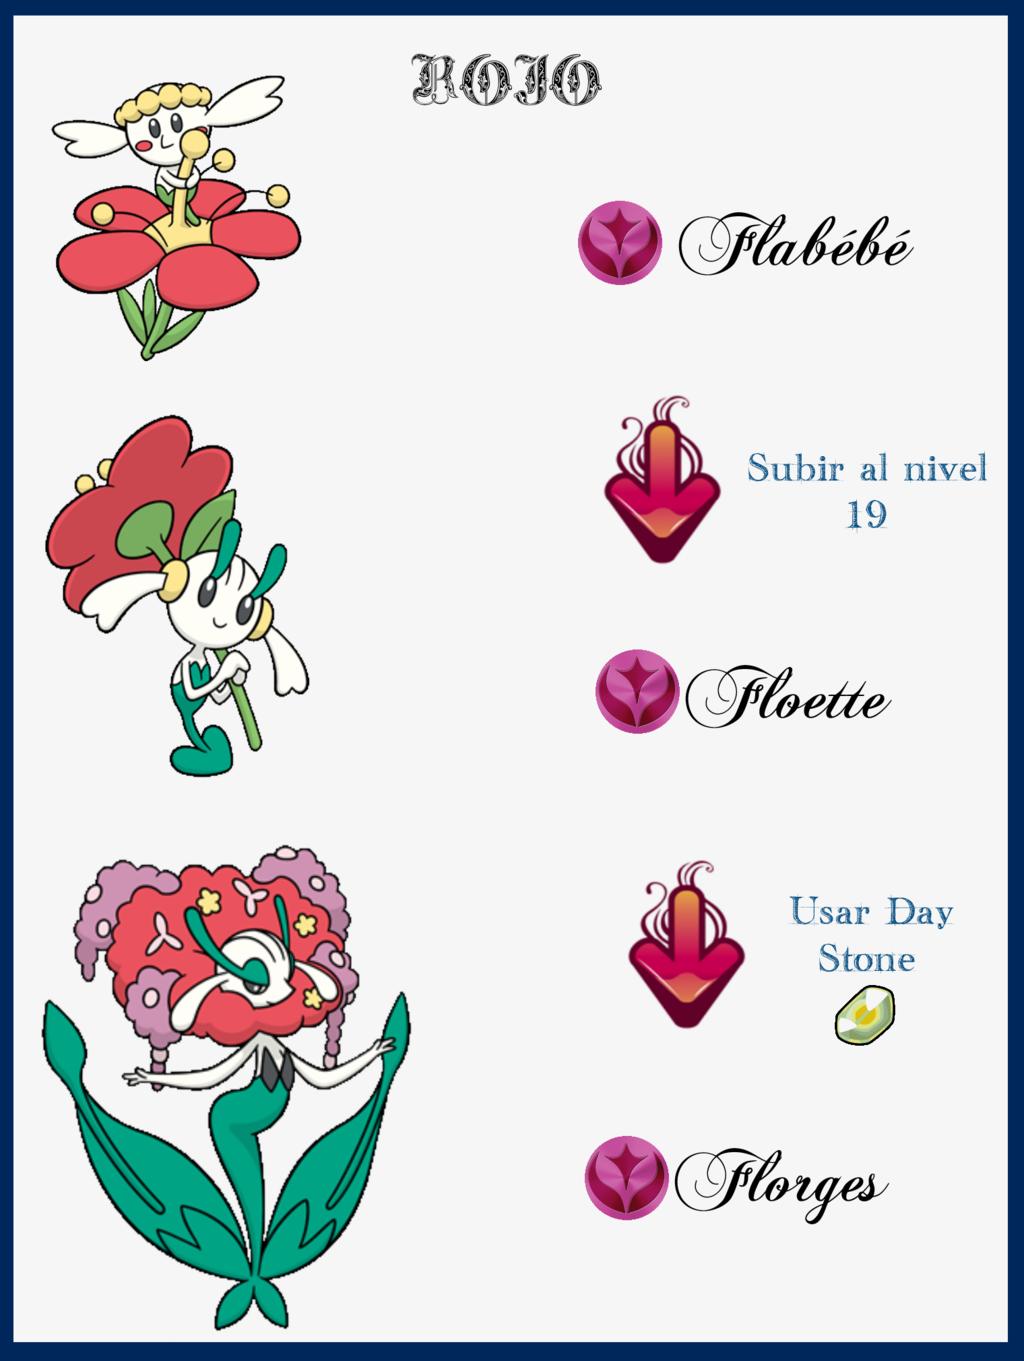 flabebe pokemon evolution chain - HD1024×1361